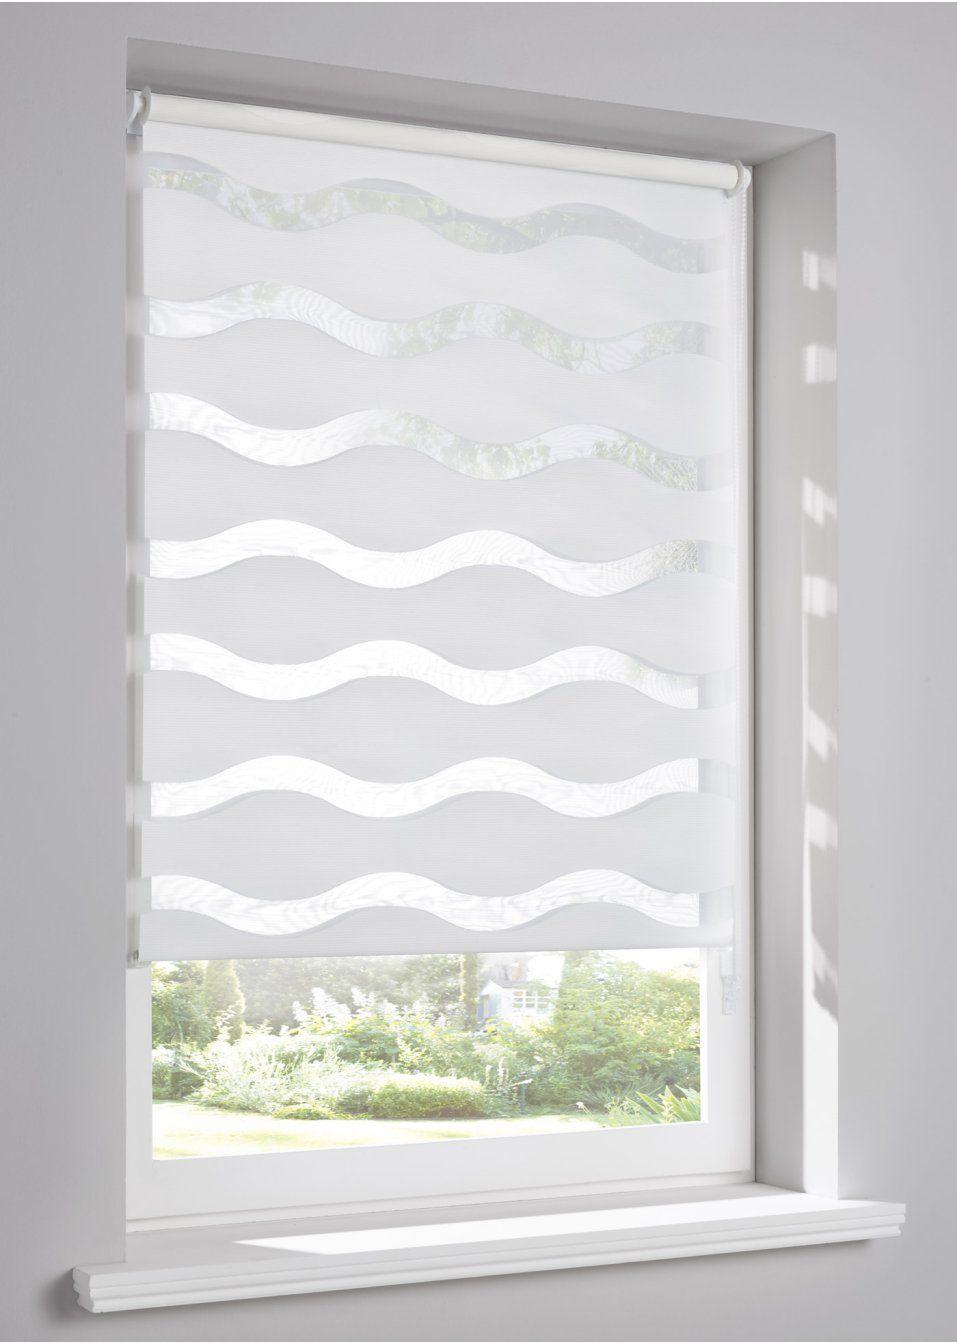 Toller Sichtschutz In Modisch Gewellt Weiss Klemmtrager Bad Gardinen Renovierung Und Einrichtung Rollo Fenster